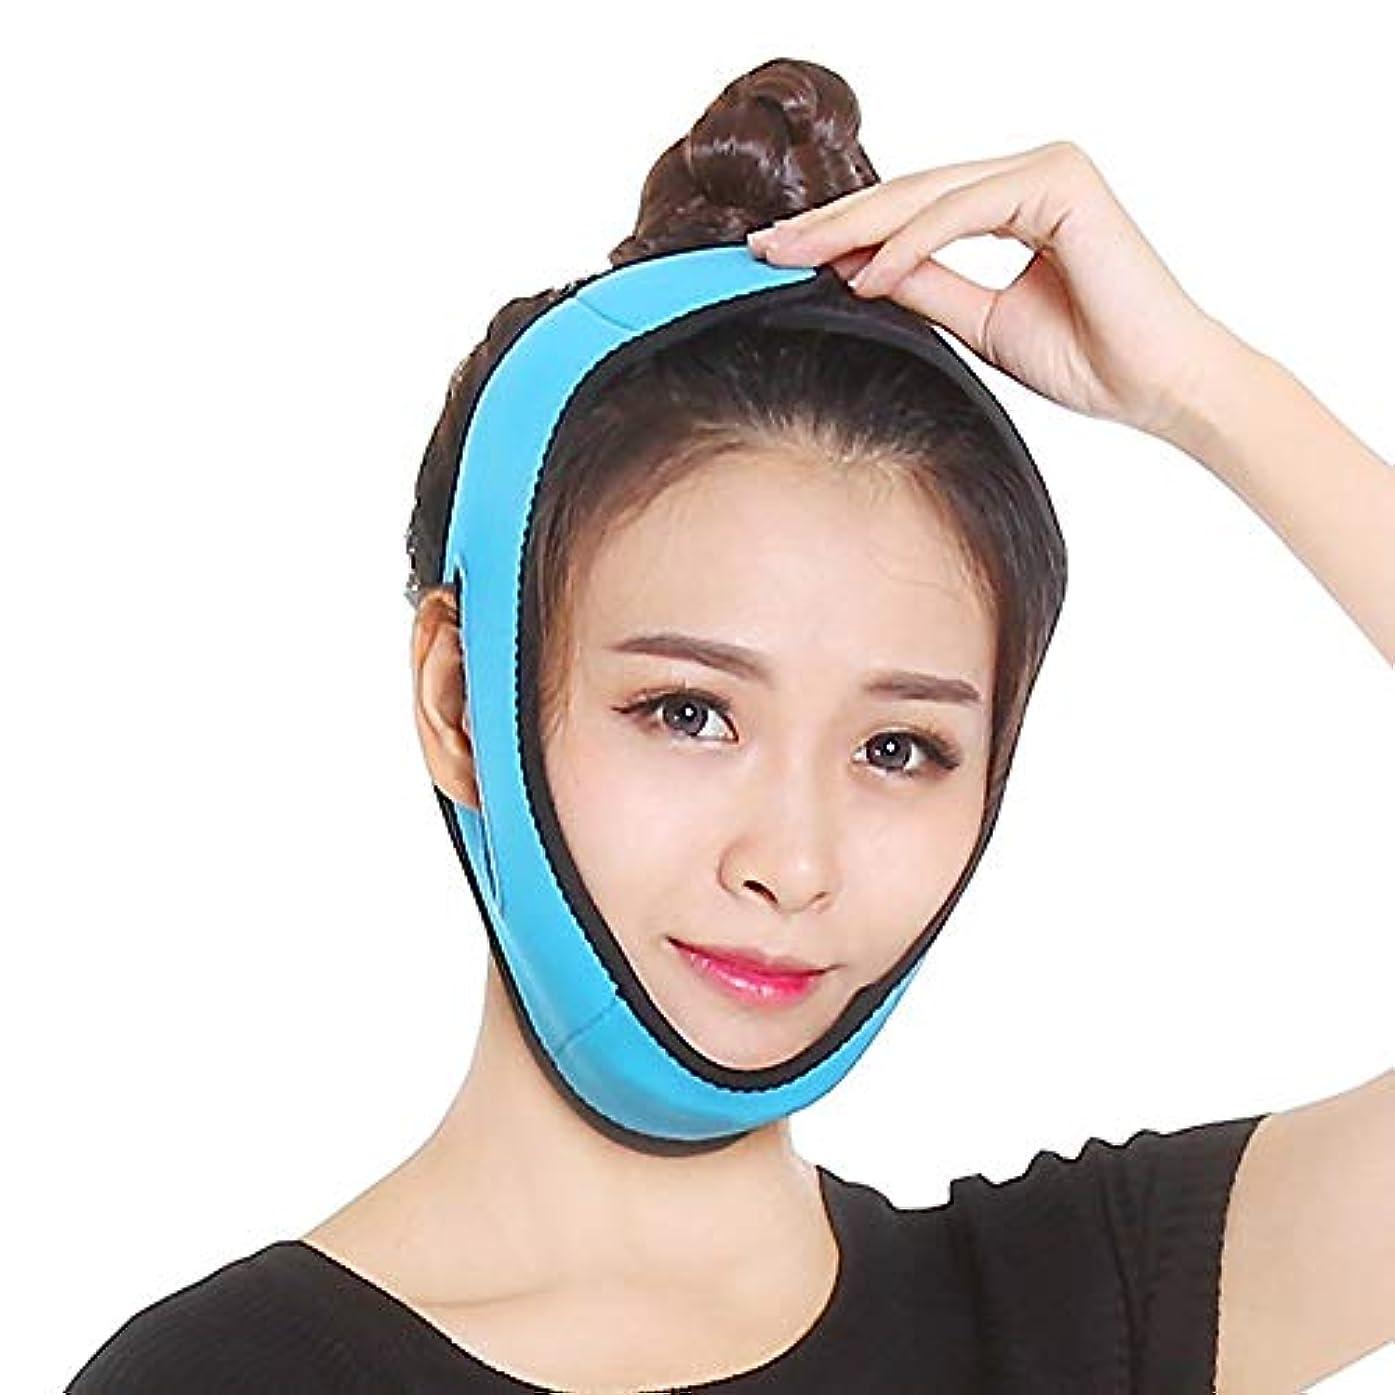 願望六寺院XINGZHE フェイシャルリフティングスリミングベルト - 薄いフェイス包帯二重あごデバイス無料フェイシャルマッサージ整形マスクを引き締める顔と首の顔スリム フェイスリフティングベルト